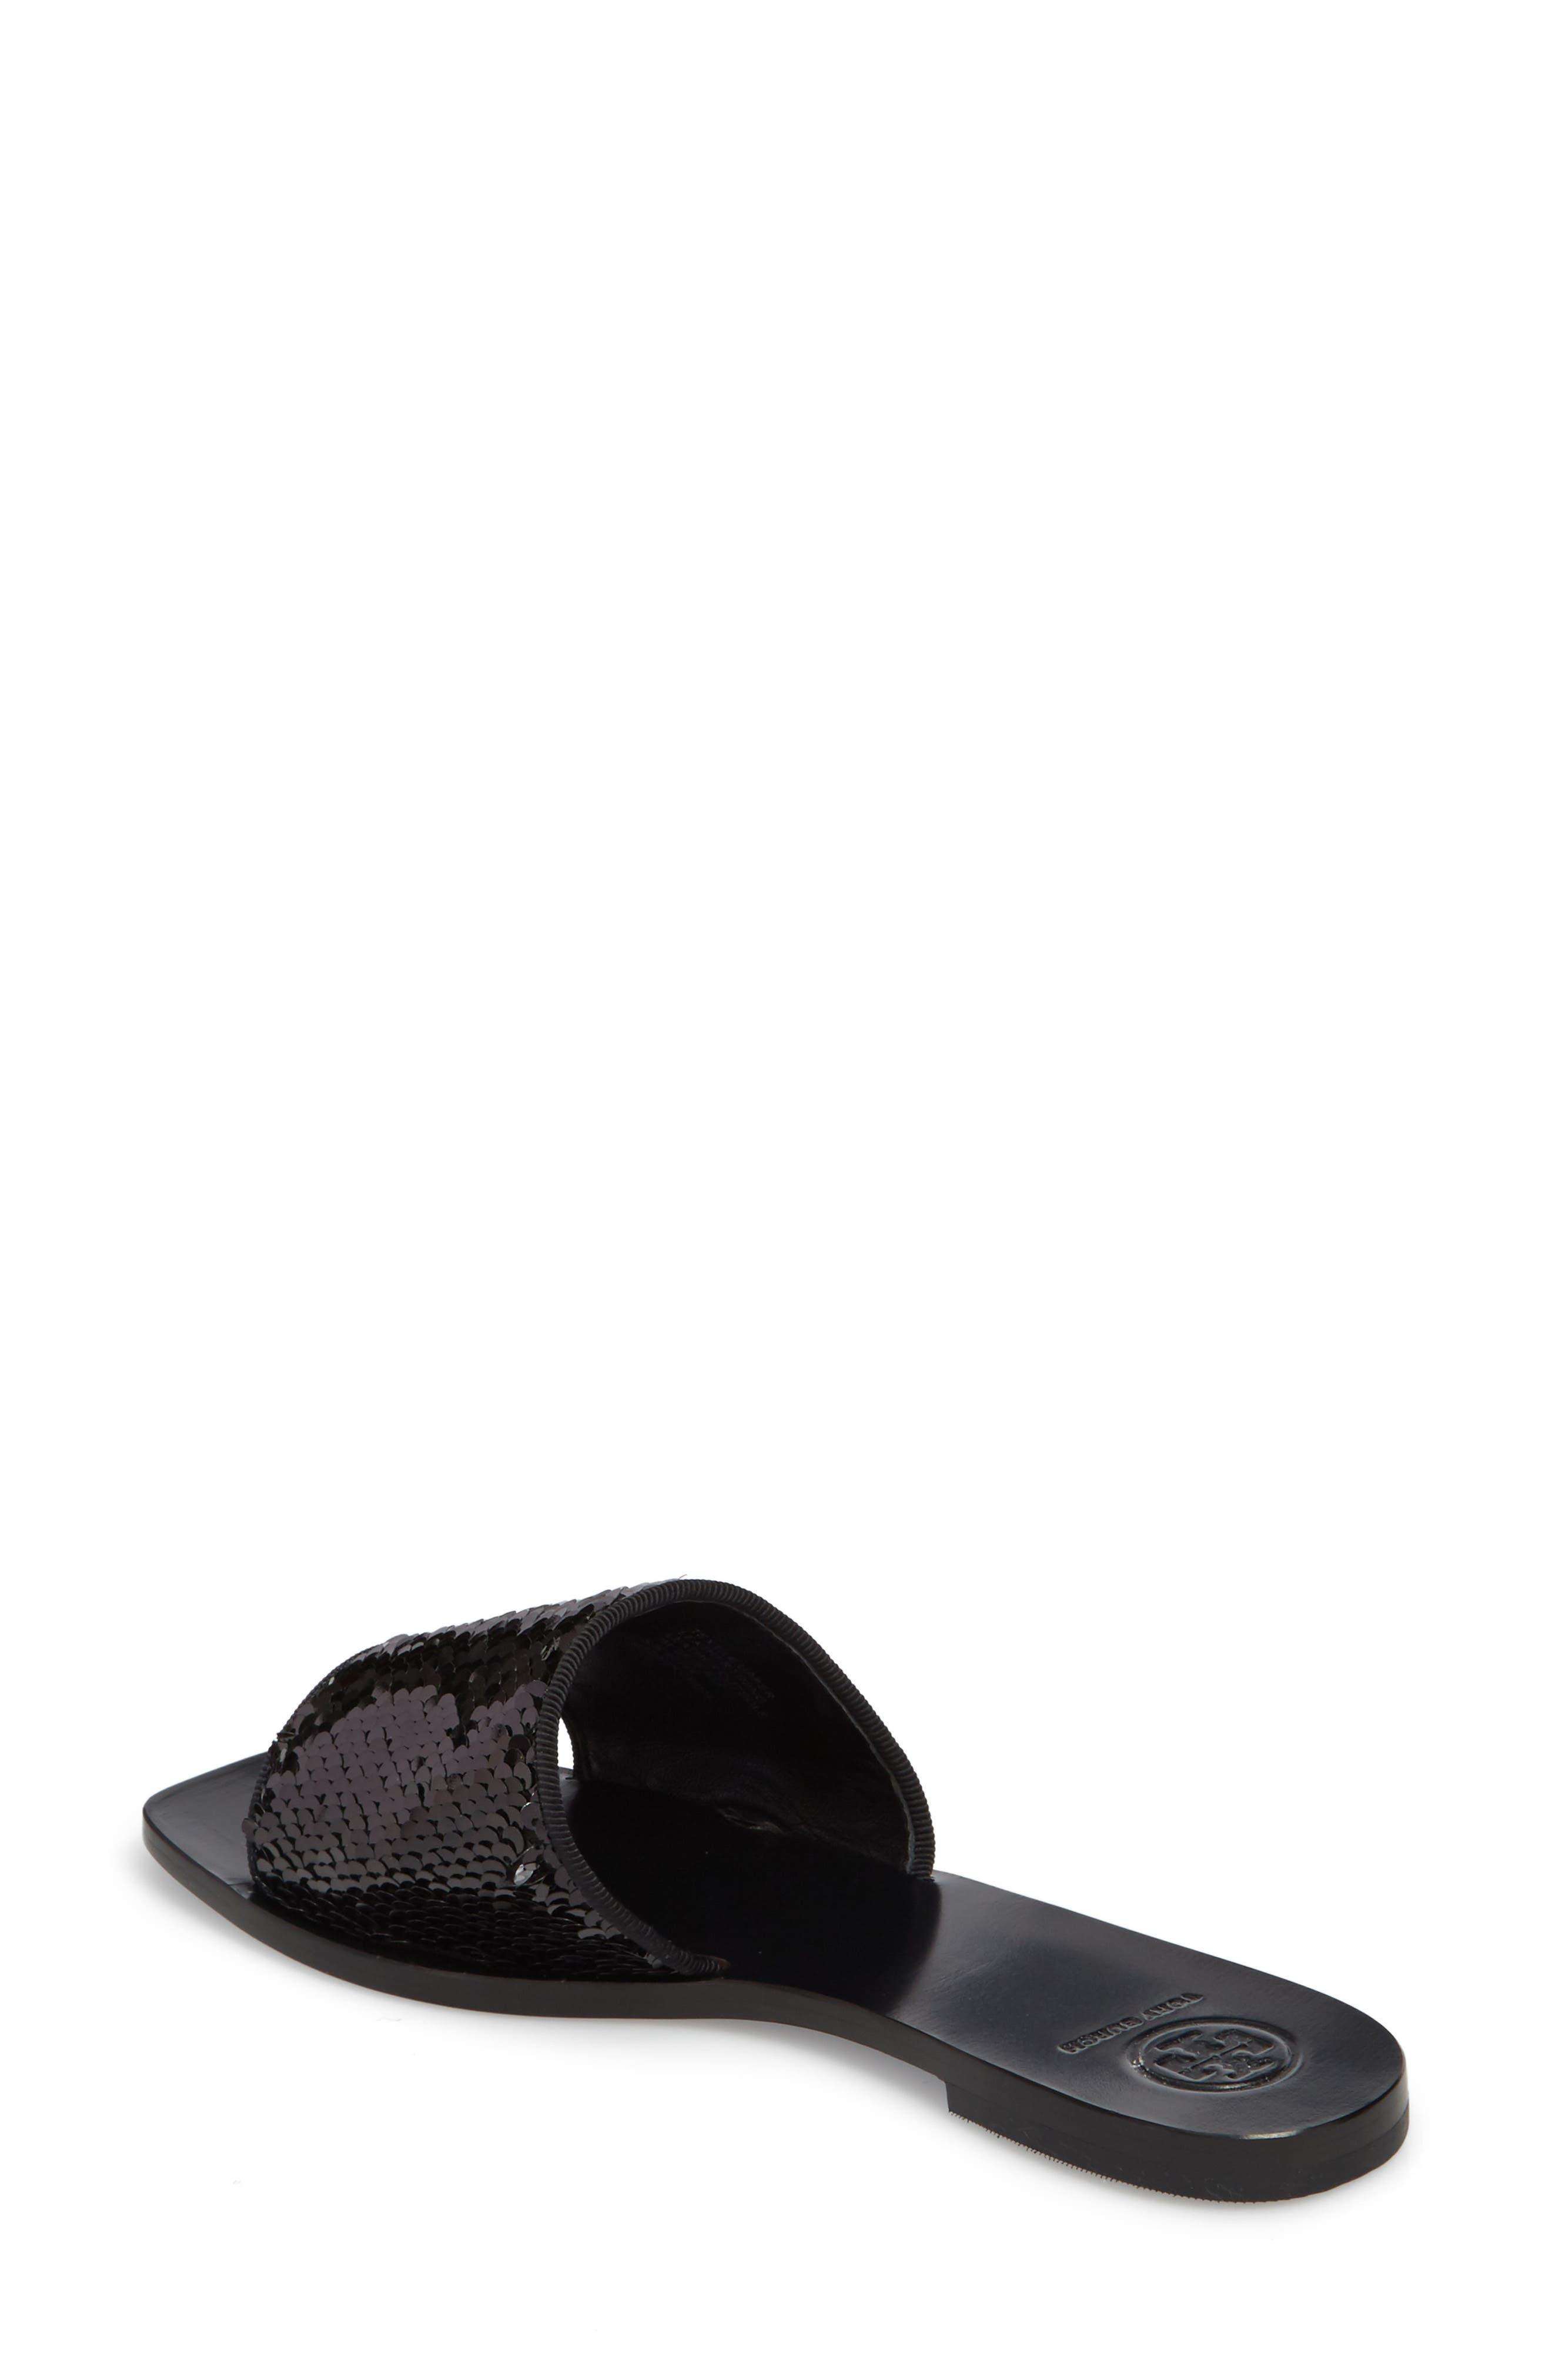 Carter Sequin Slide Sandal,                             Alternate thumbnail 2, color,                             043